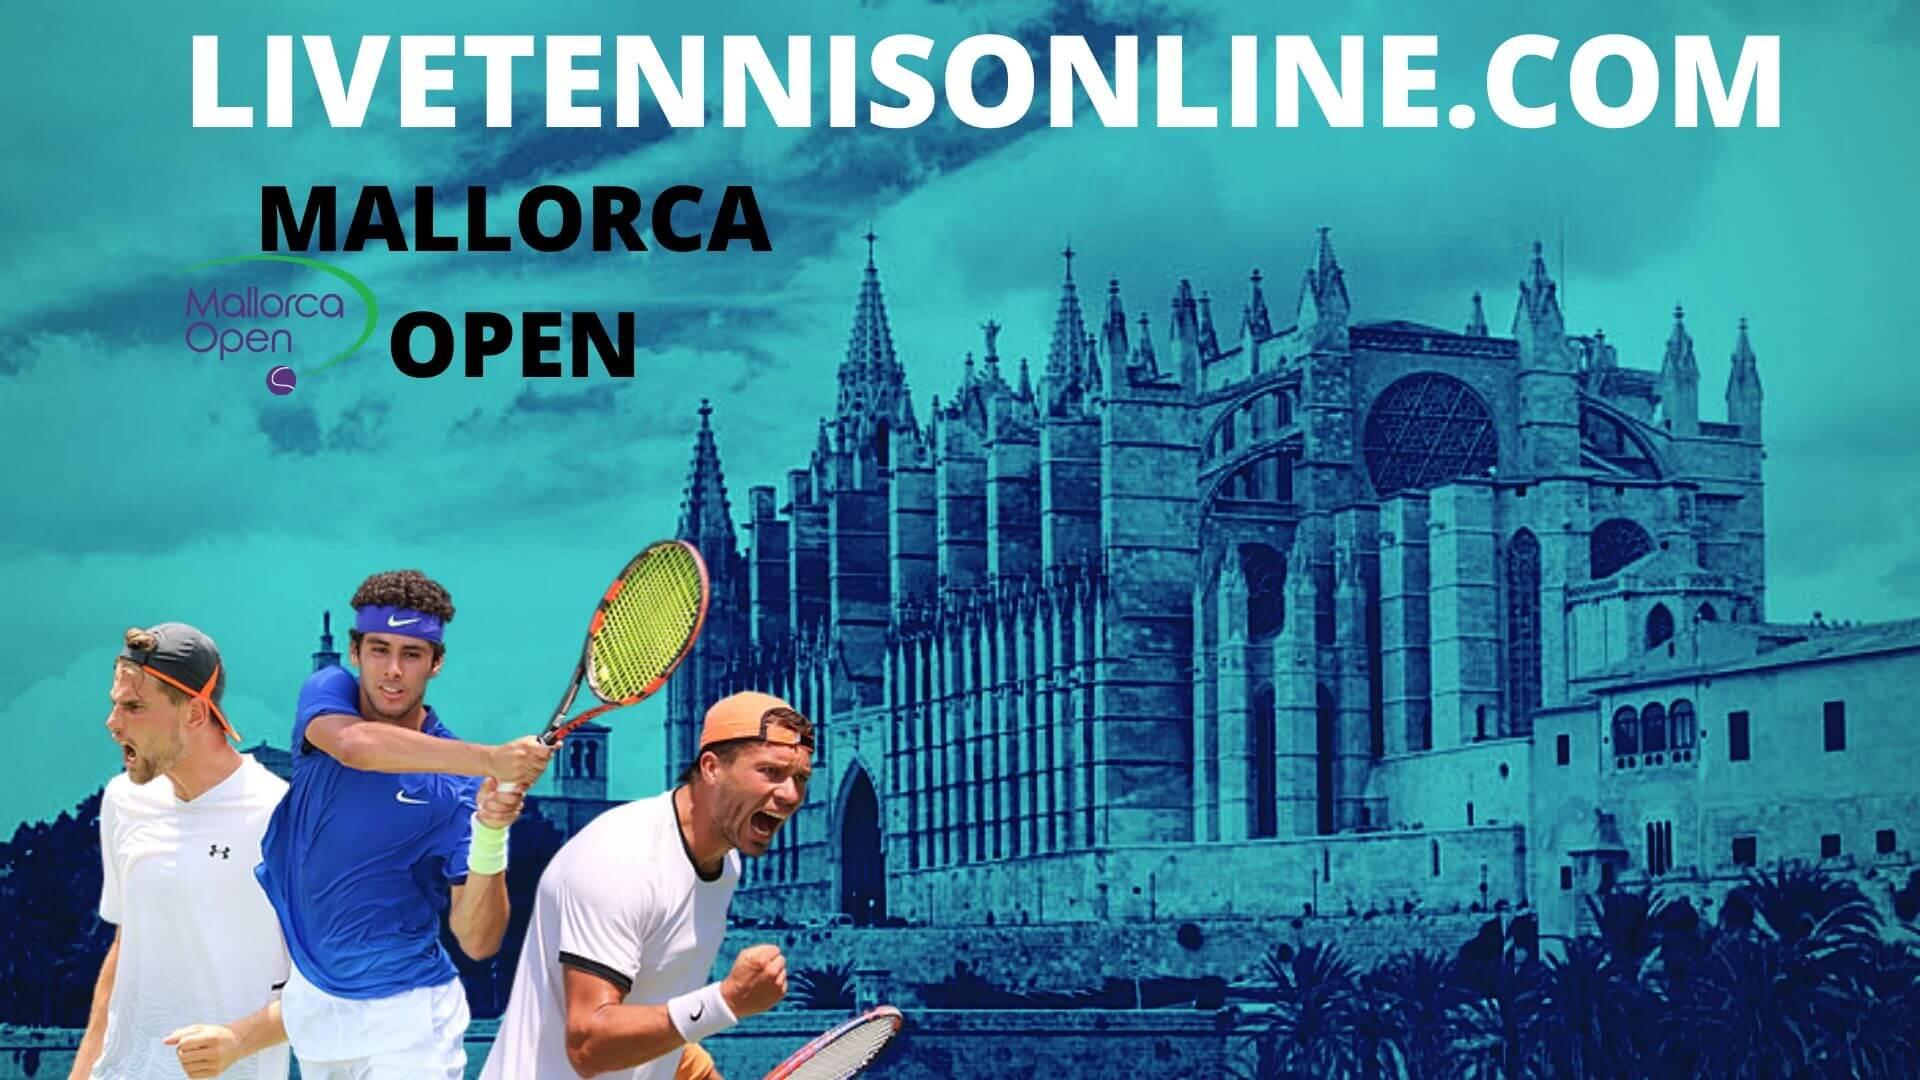 Mallorca Championships Live Stream 2020 | ATP Semi Final